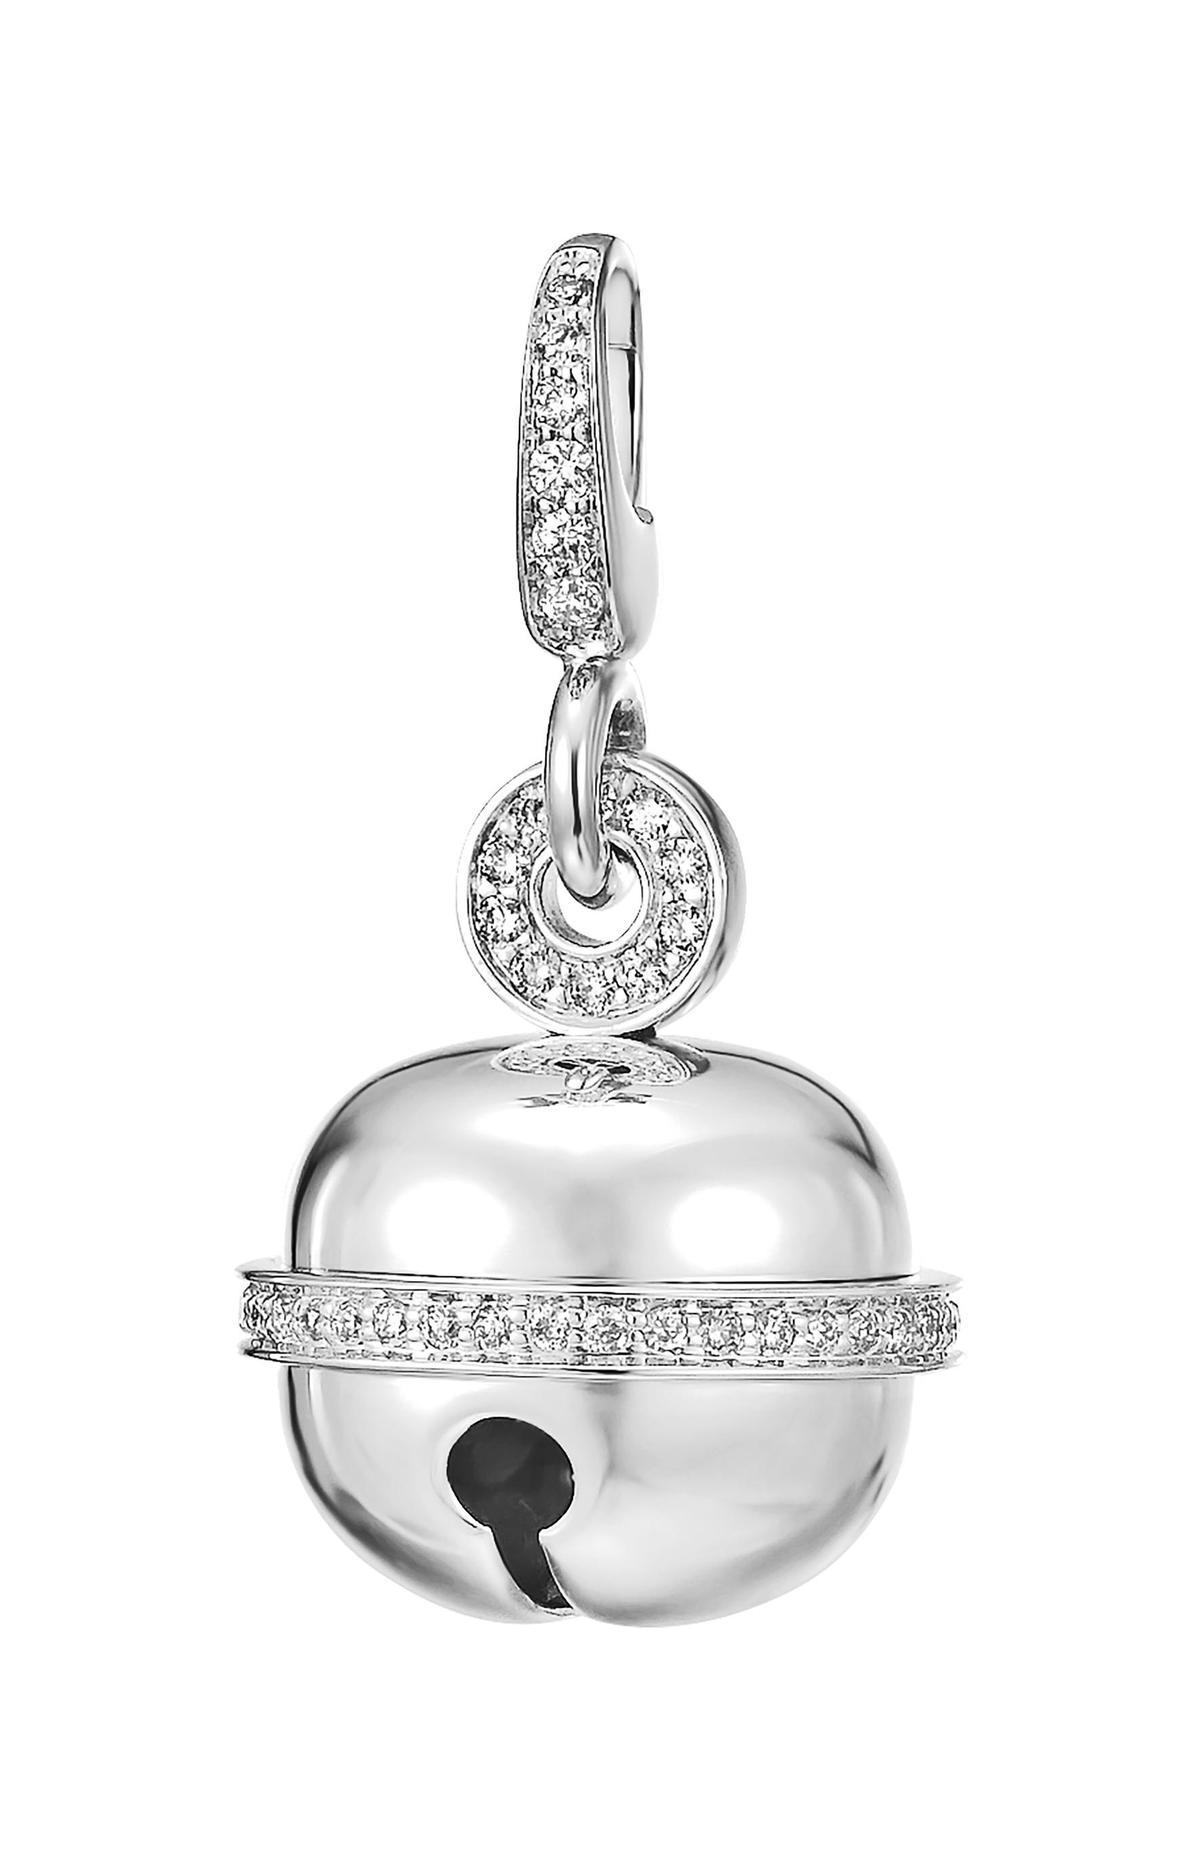 Qeelin Ling Long 18K白金鑲鑽中型鈴鐺,NT$108,000。(Qeelin提供)